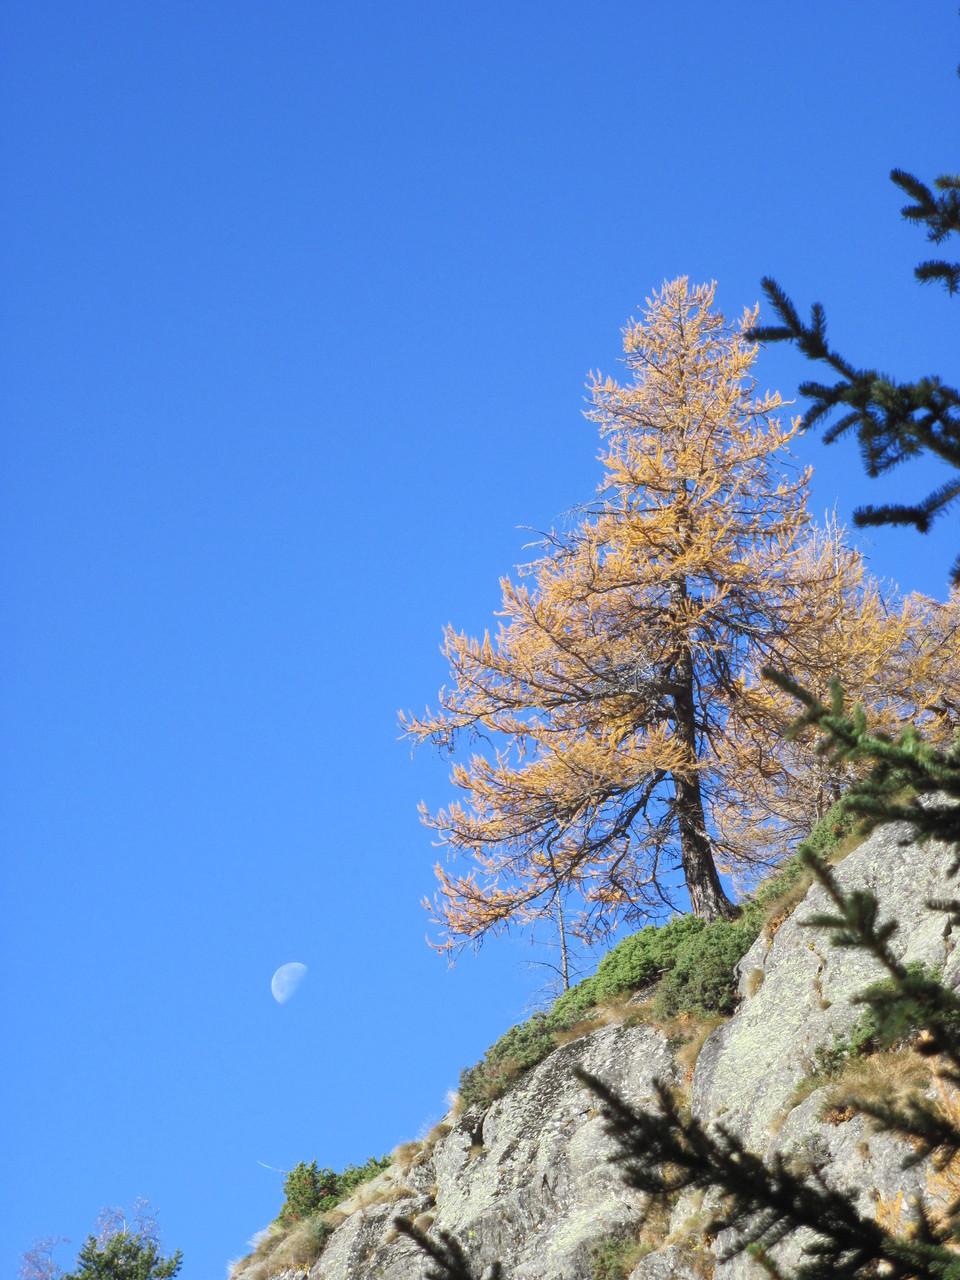 Mond und Herbst